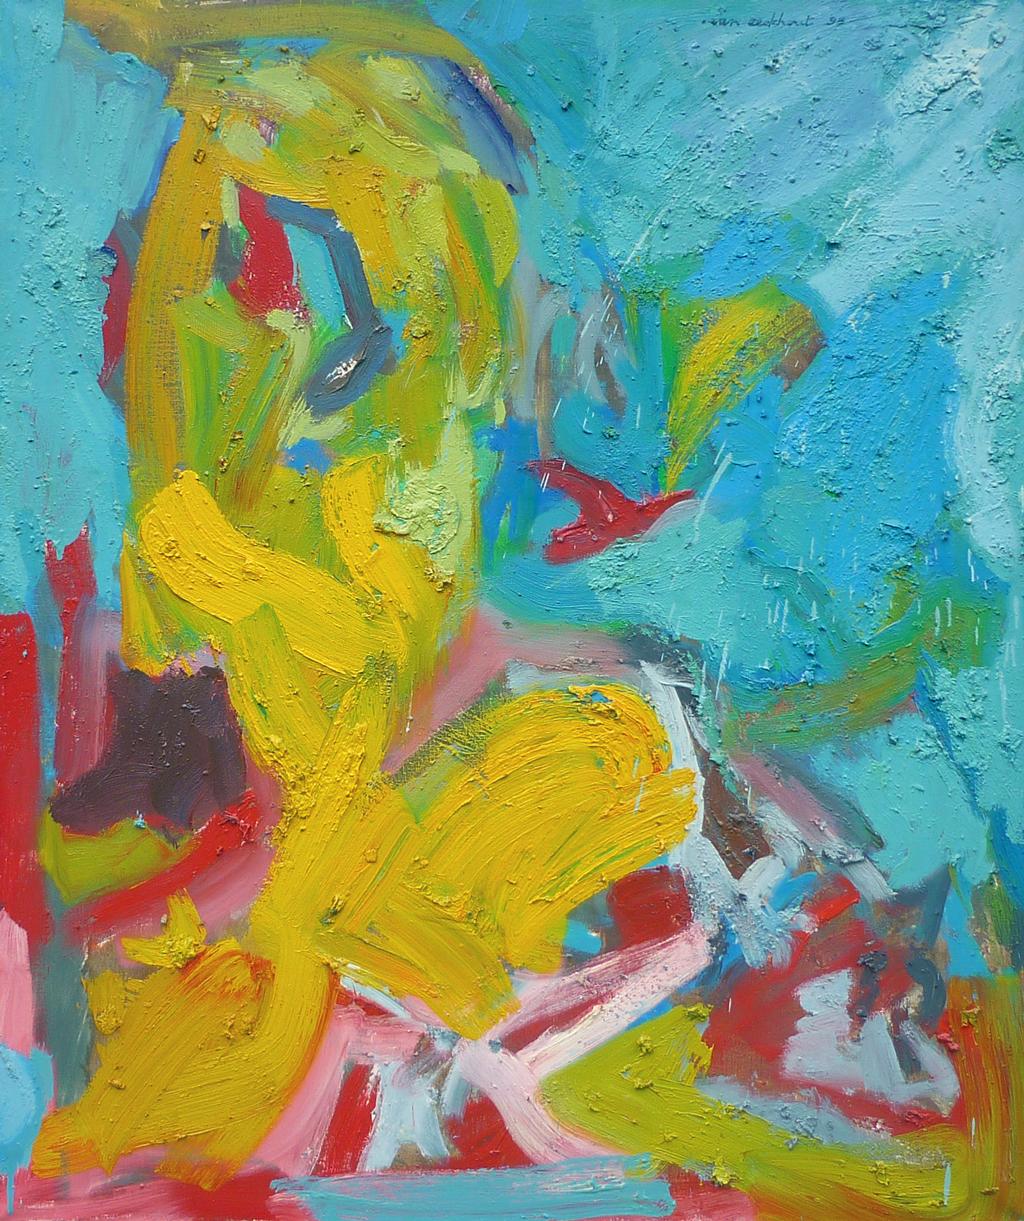 schilderij Willy Van Eeckhout